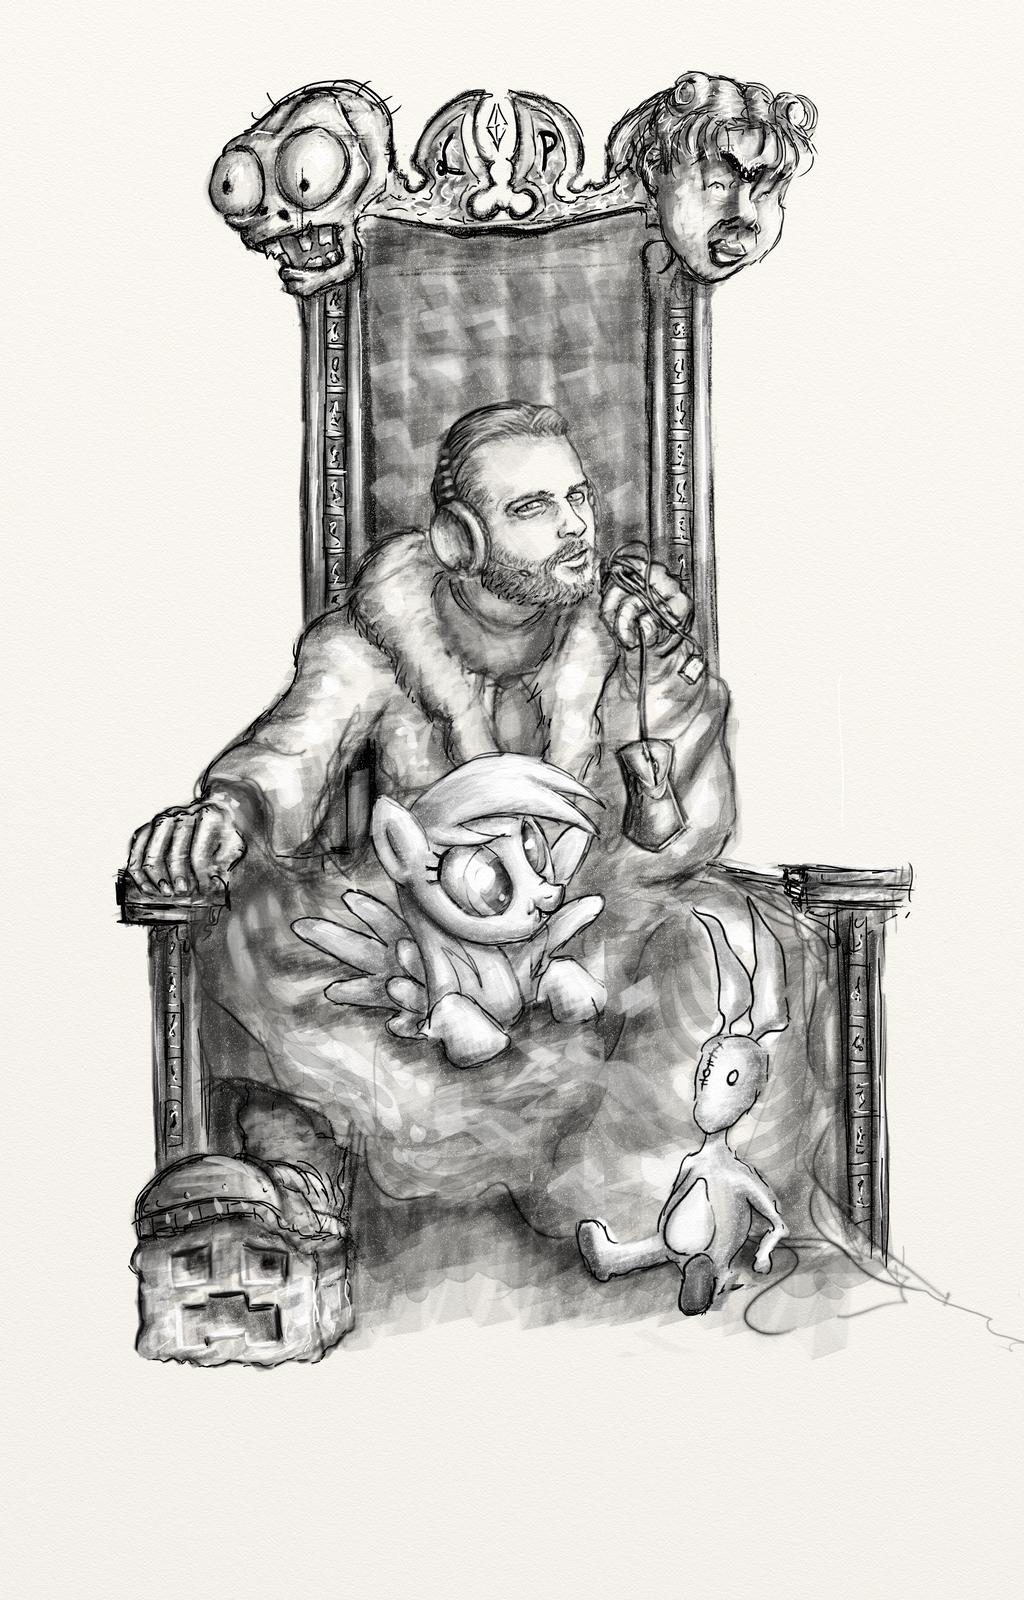 Gronkh Throne - Drawing - Fanart by Schmodel